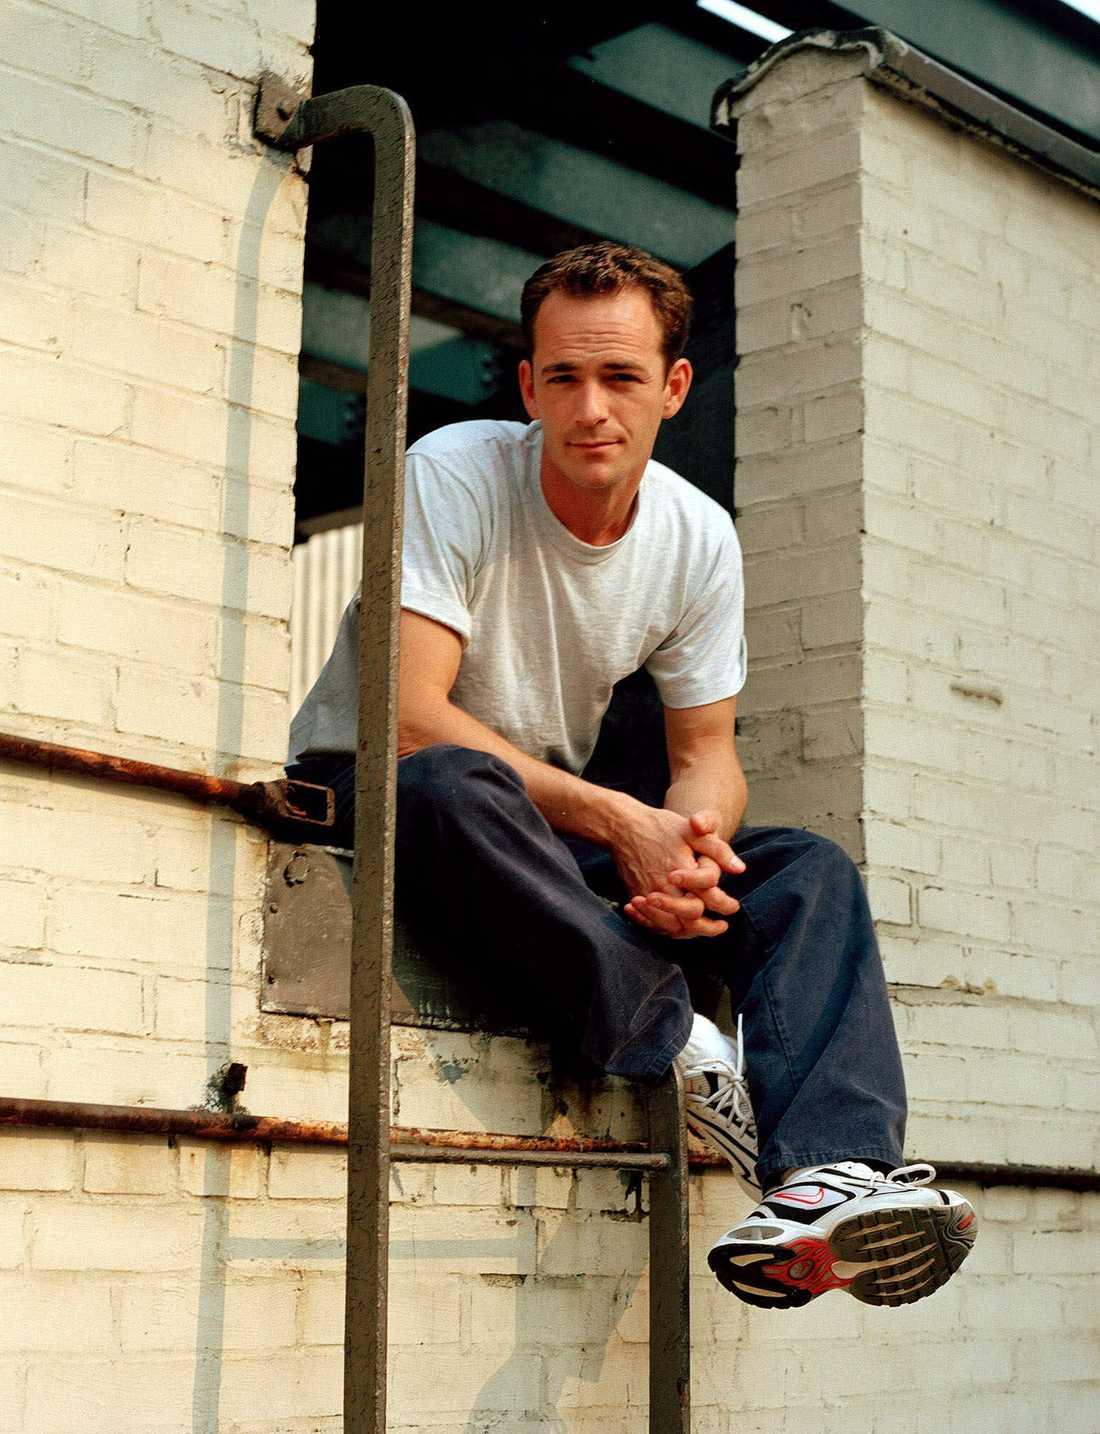 Porträtt av Luke Perry i New York 2001, i samband med en intervju om karriären efter Beverly Hills då han  spelade i en Broodwaypjäs.